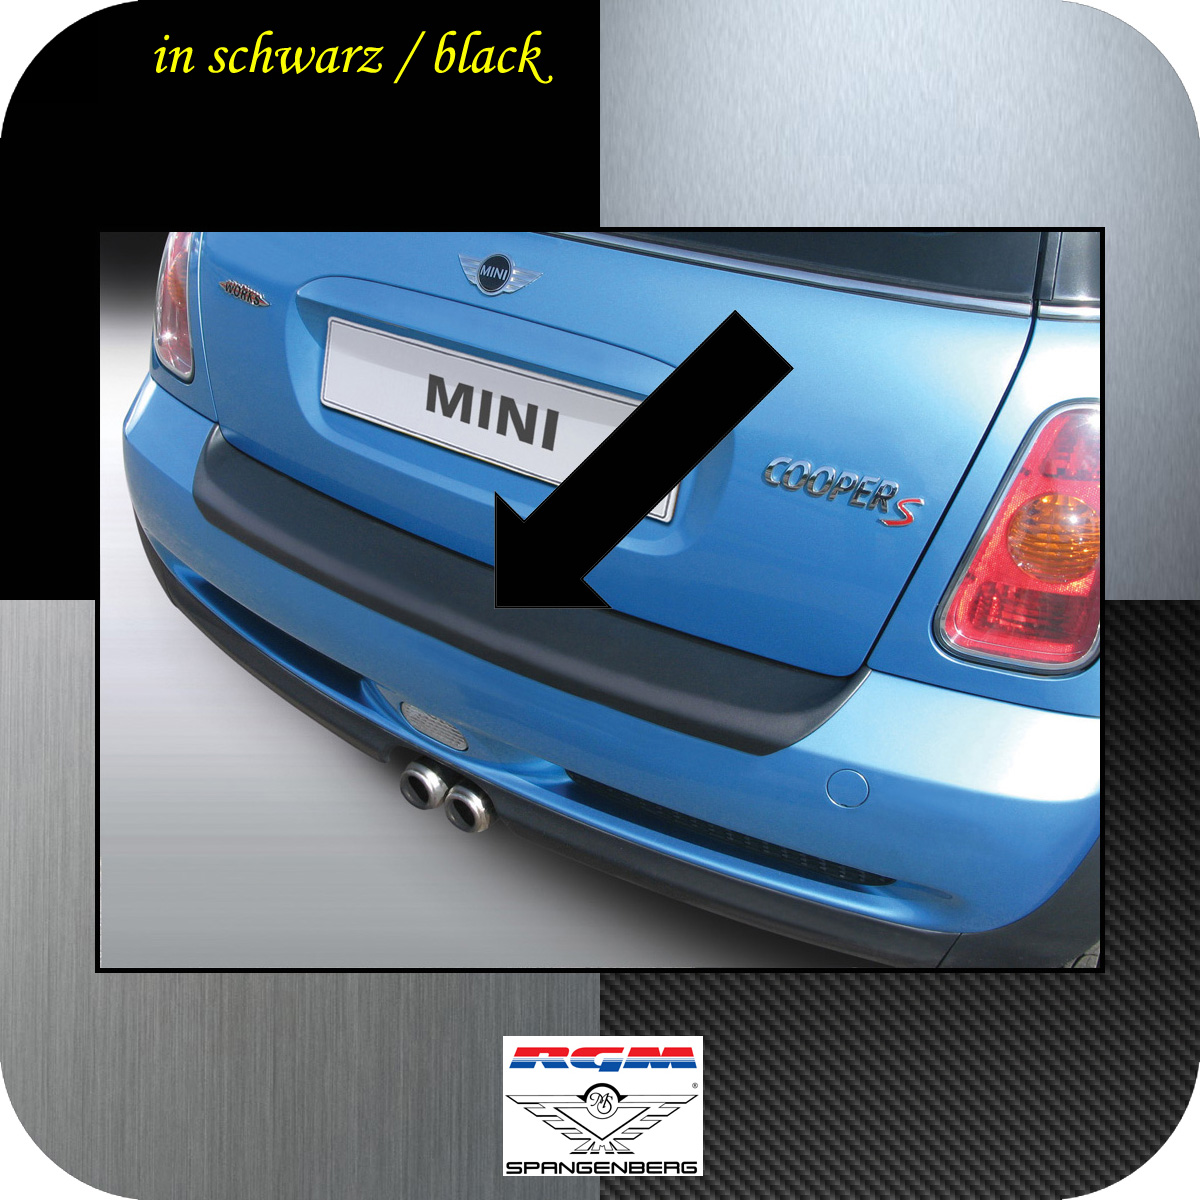 Ladekantenschutz schwarz Mini BMW One Cooper R50 und R53 2001-06 3500100